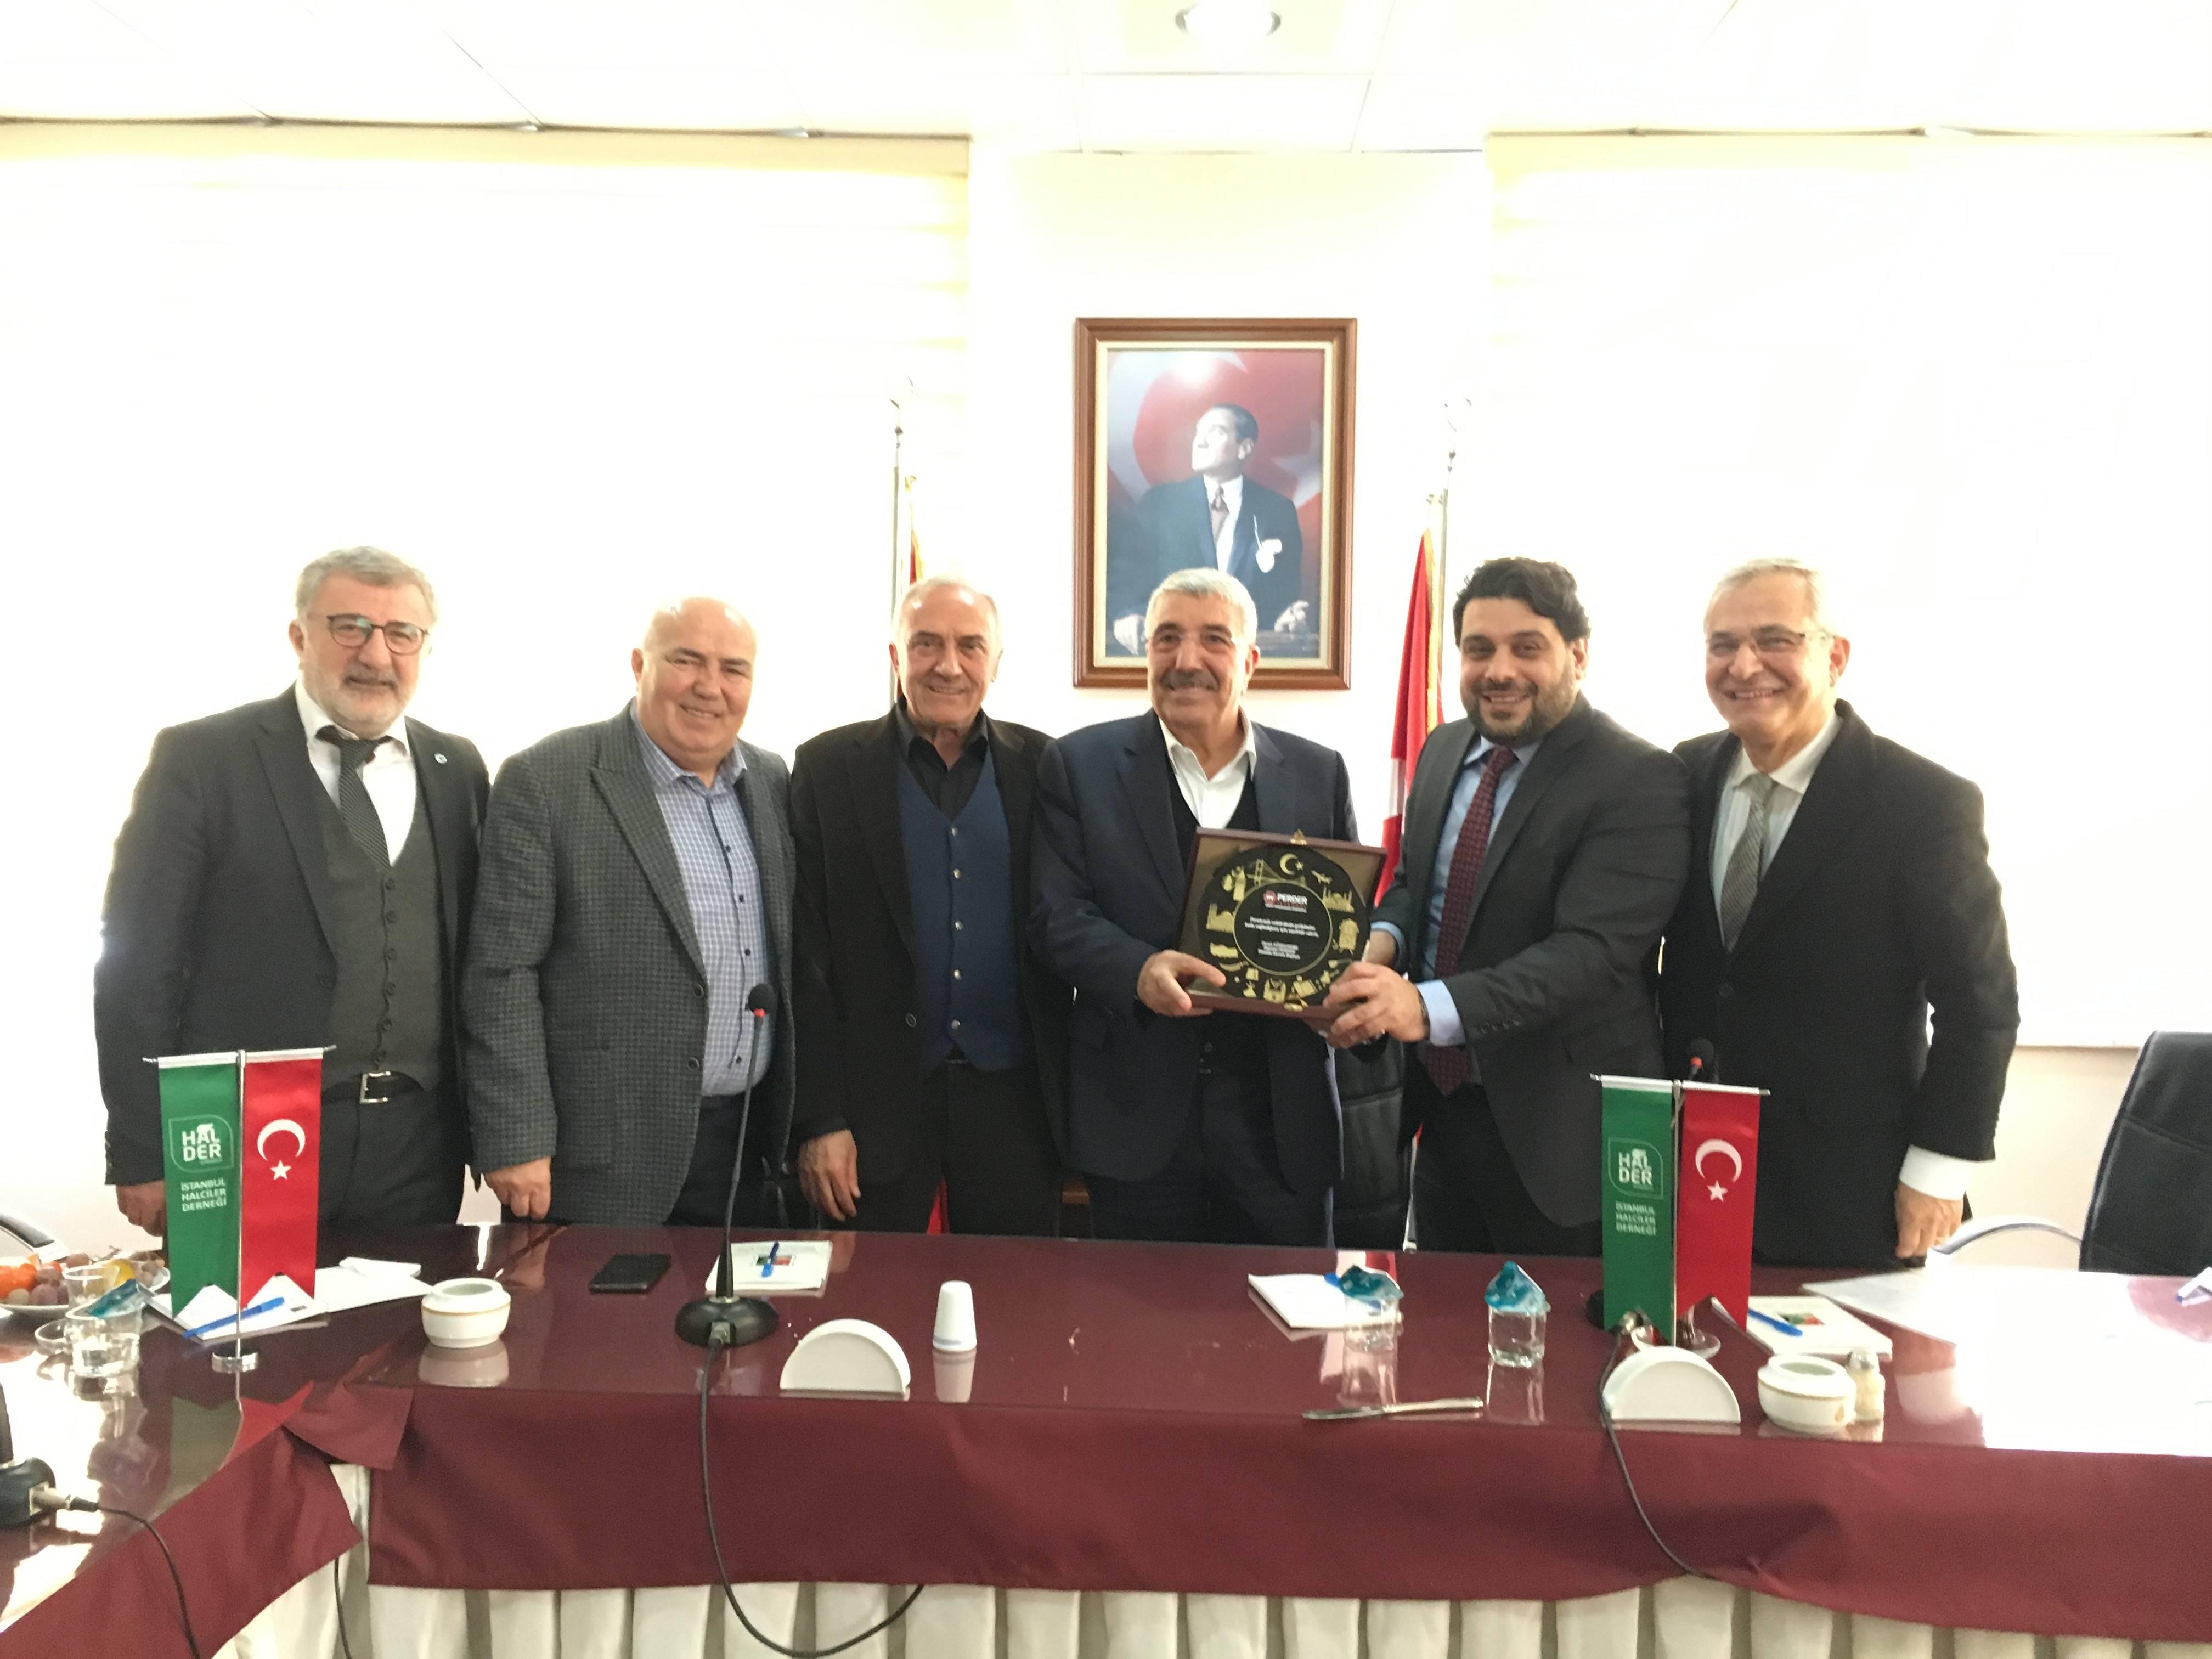 İstanbul PERDER HALDER yöneticileriyle bir araya geldi